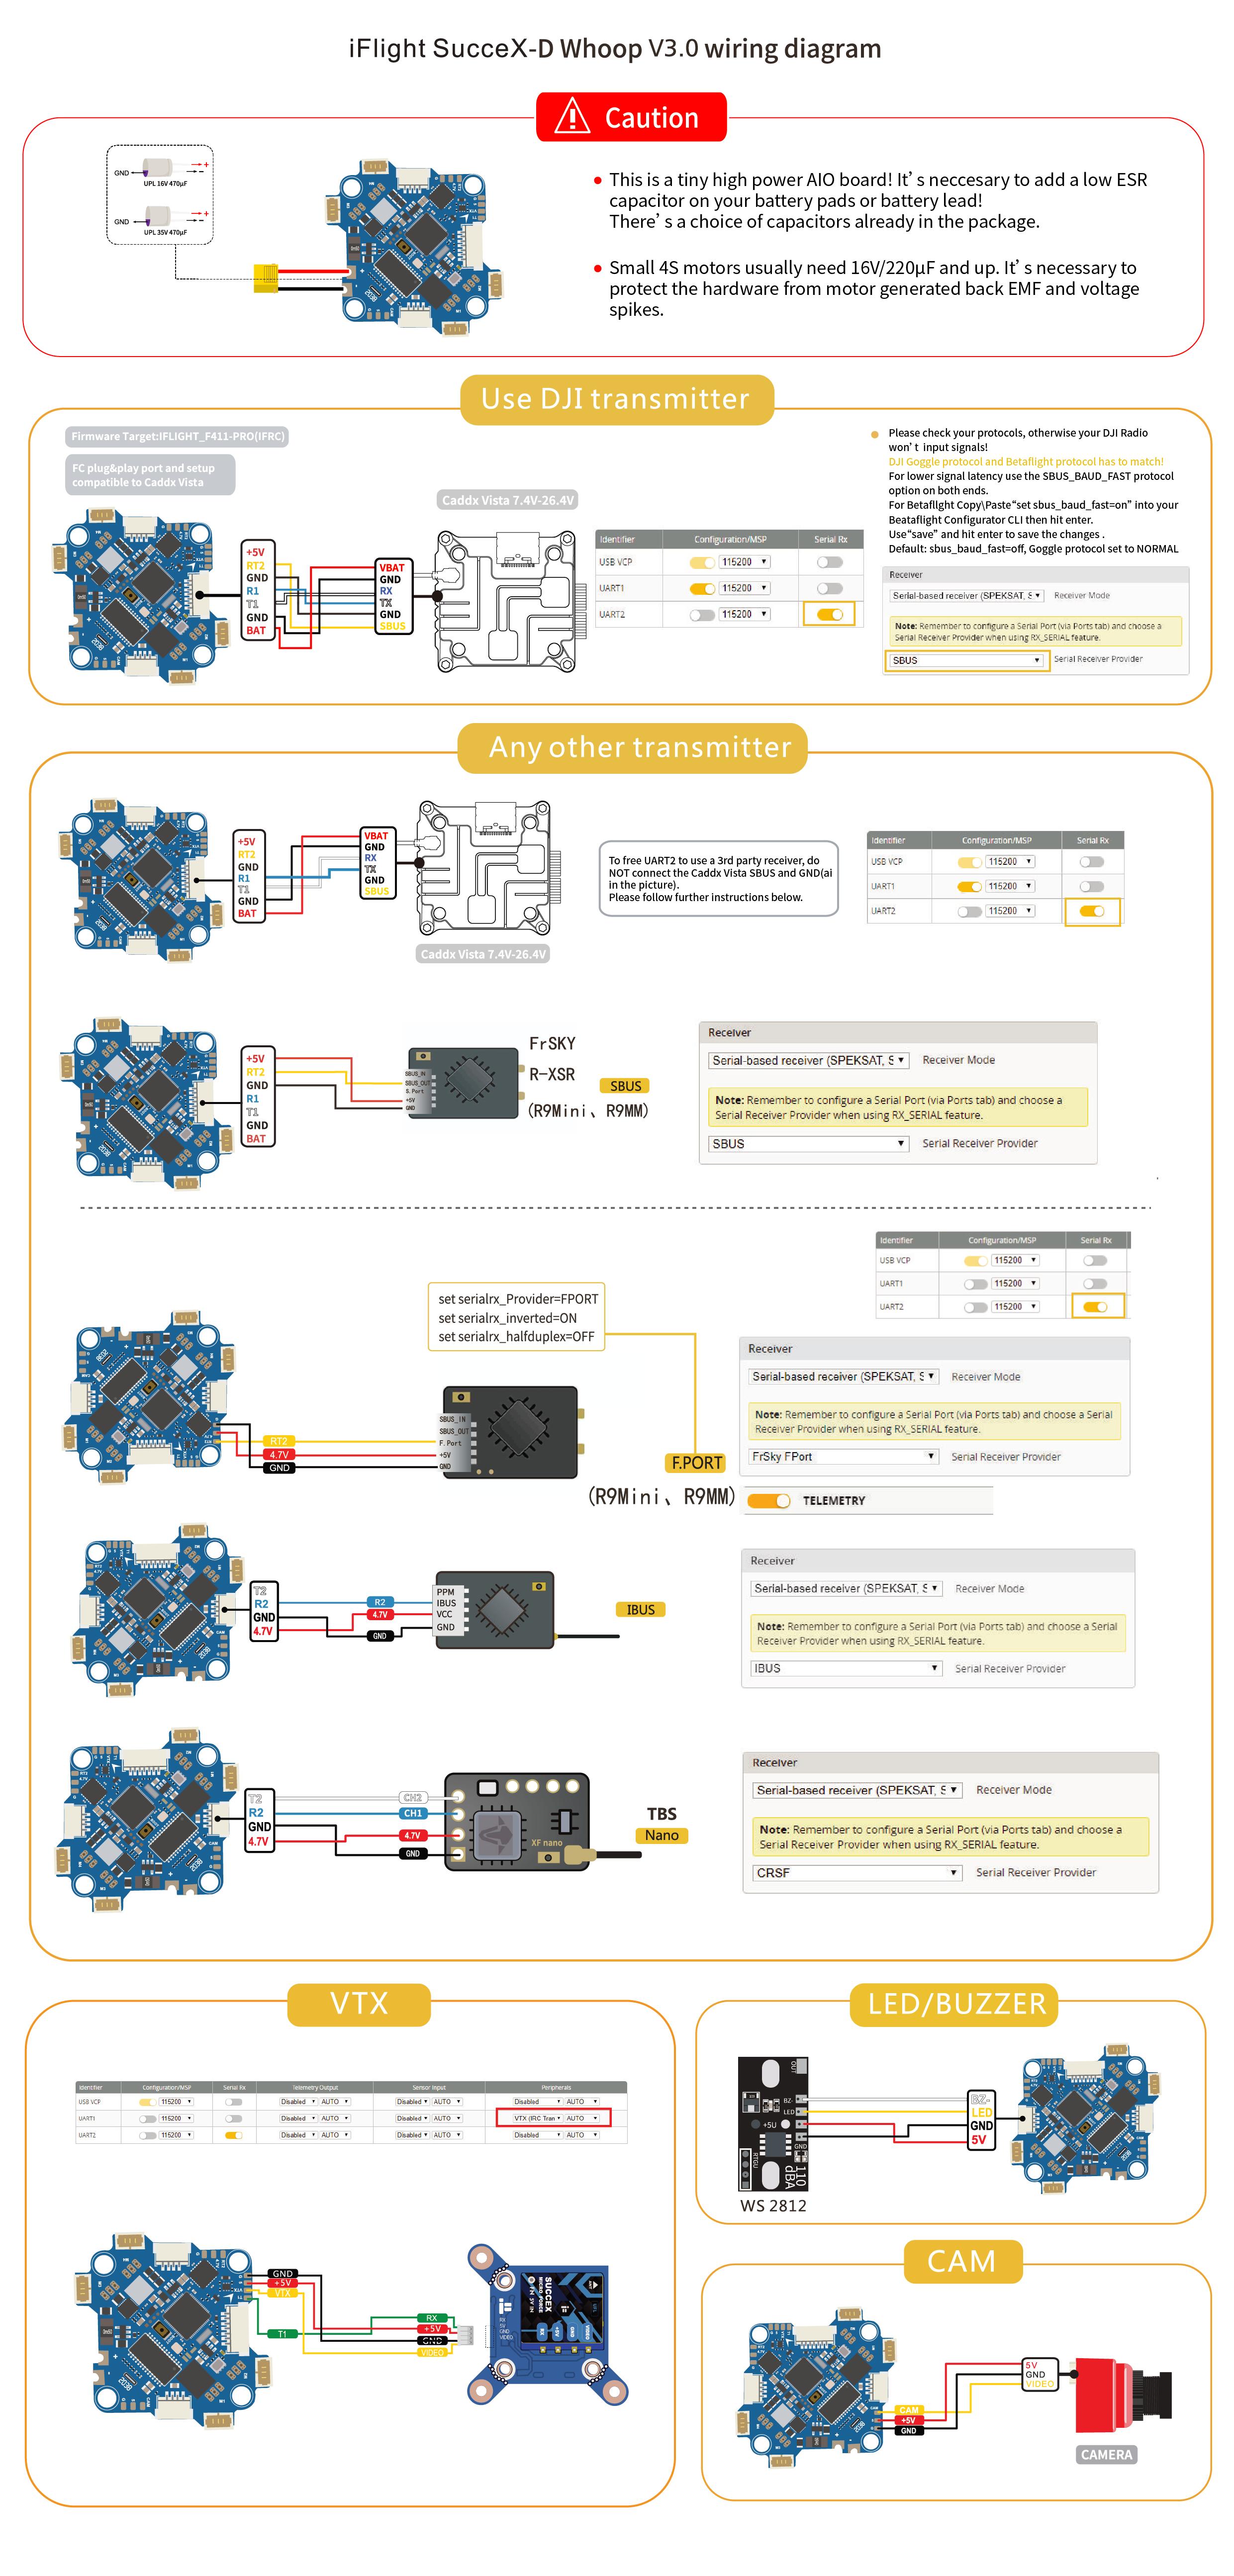 iFlight SucceX-D Whoop wiring diagram